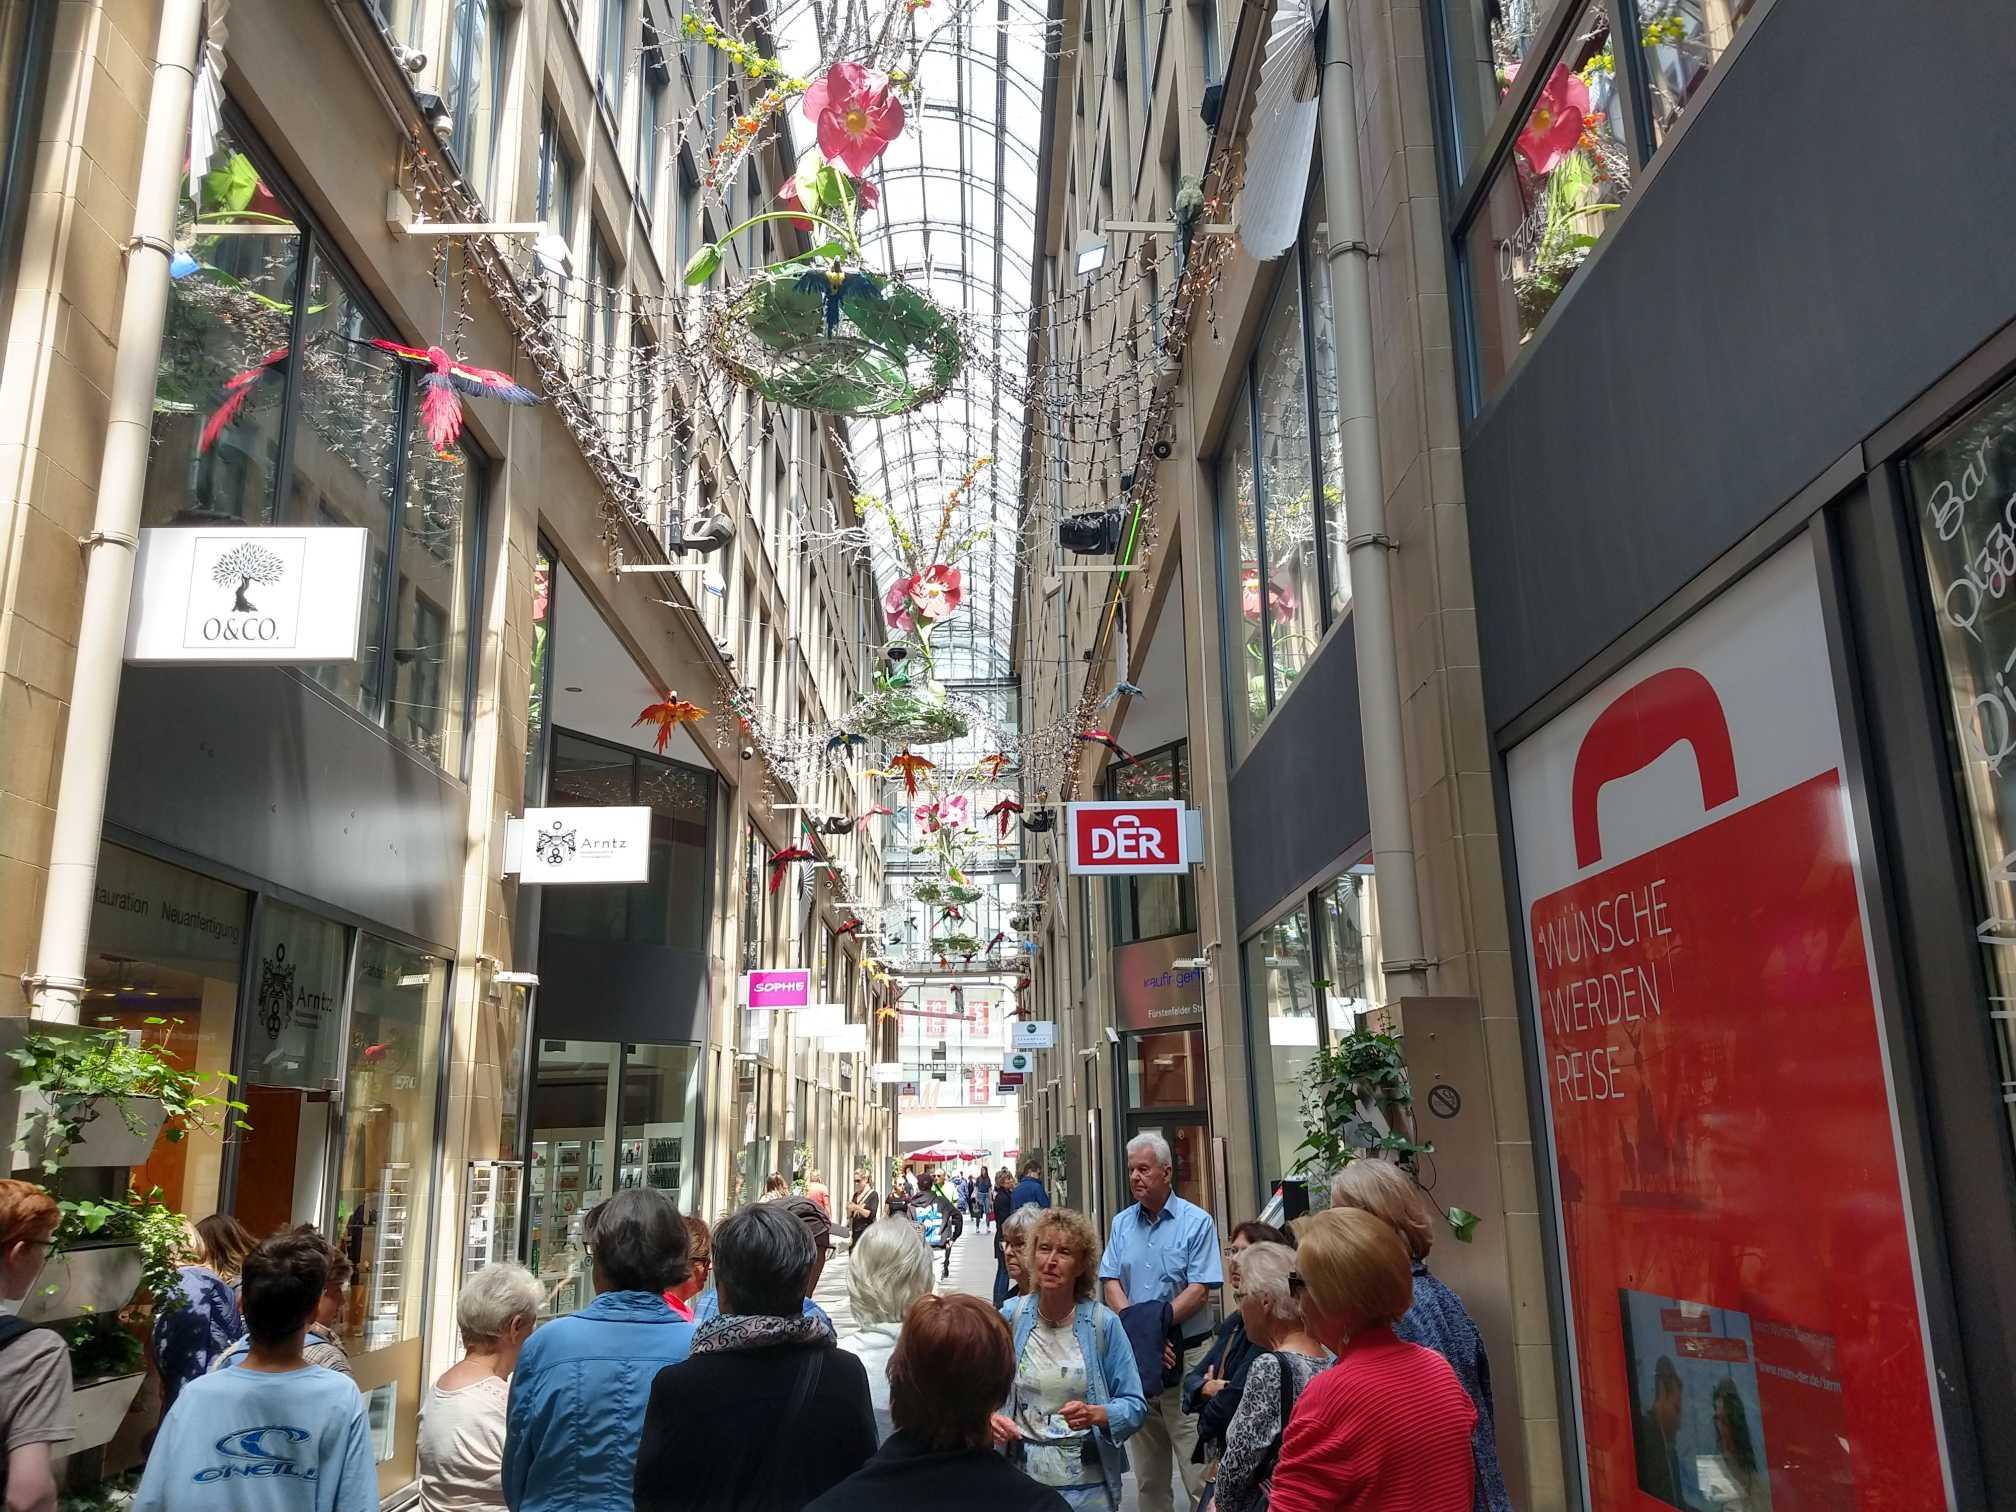 Hofstatt Passage